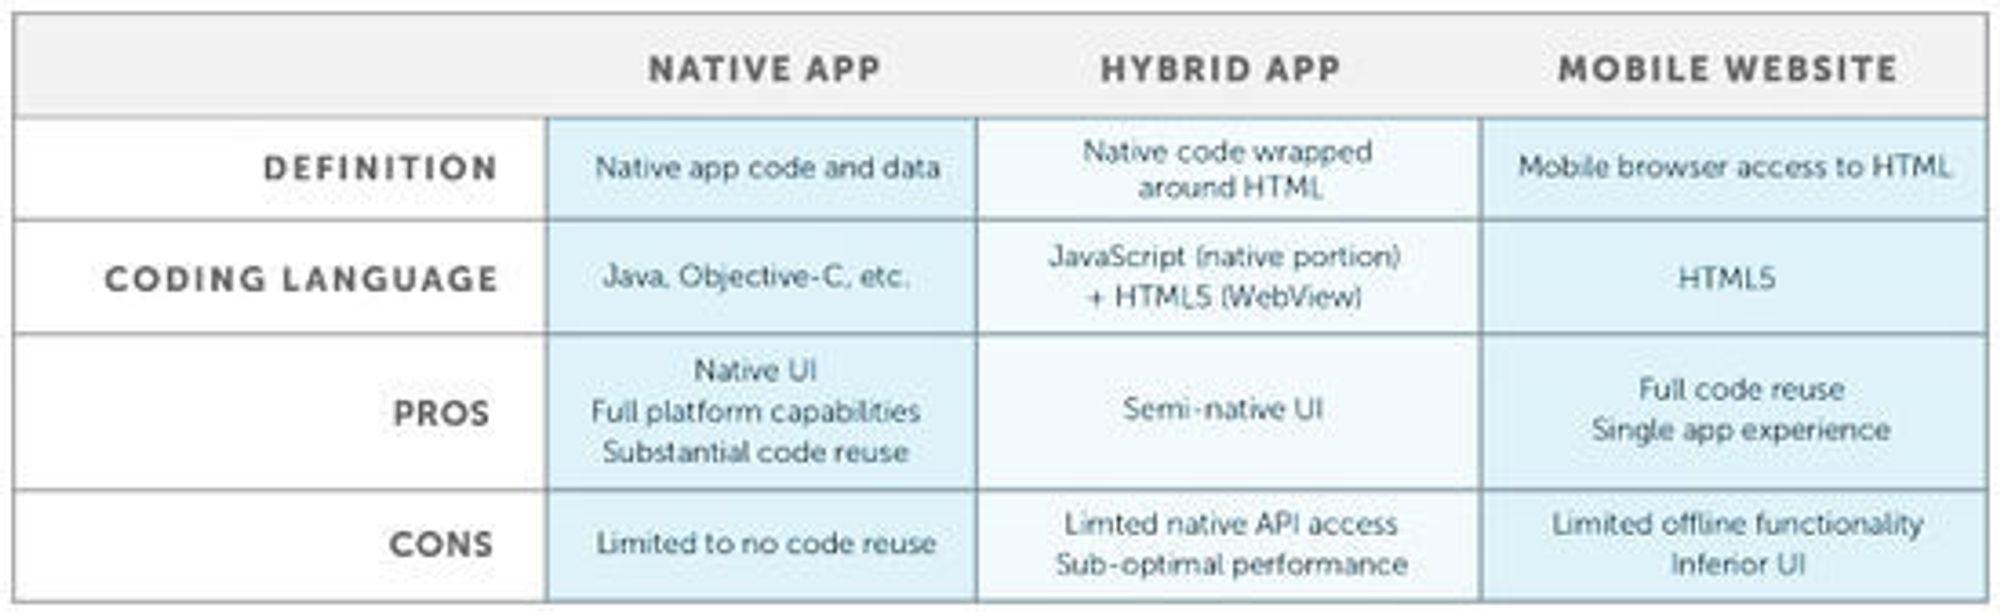 Fordeler og ulemper med bruk av systemspesifikke applikasjoner i forhold til applikasjoner som er helt eller delvis webbaserte, ifølge Appcelerator.